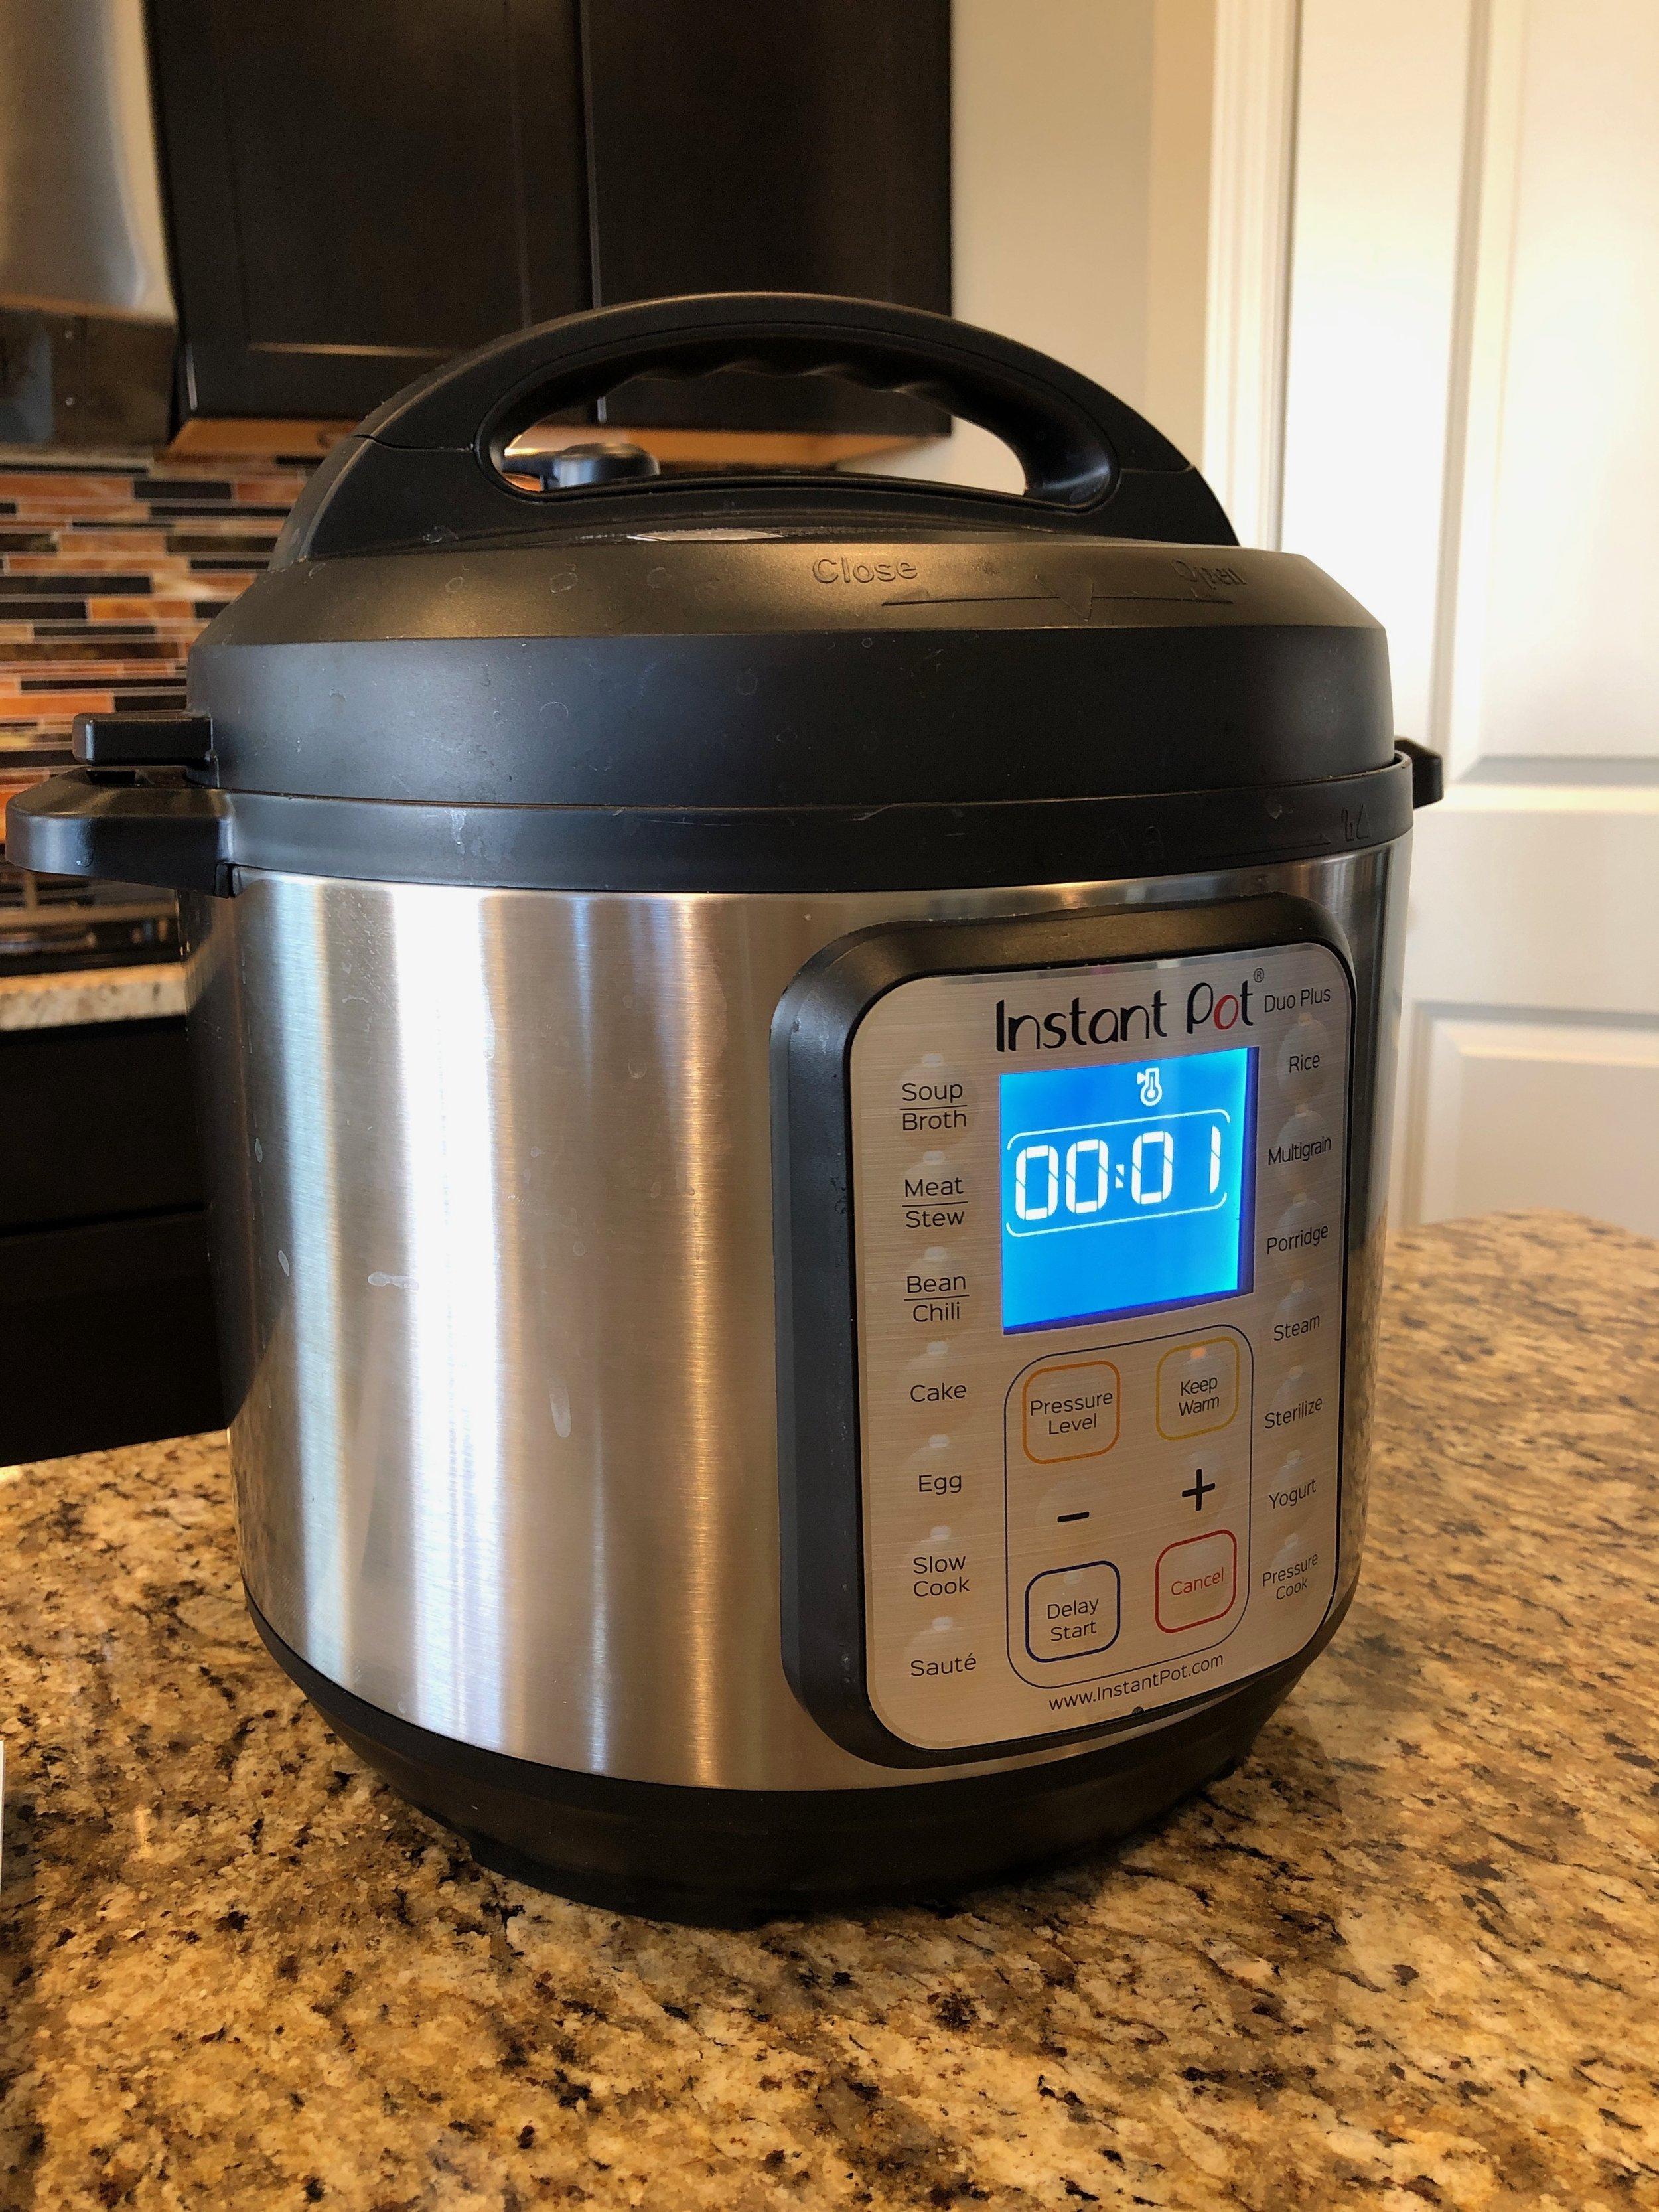 keto diet instant pot crockpot dinner recipes